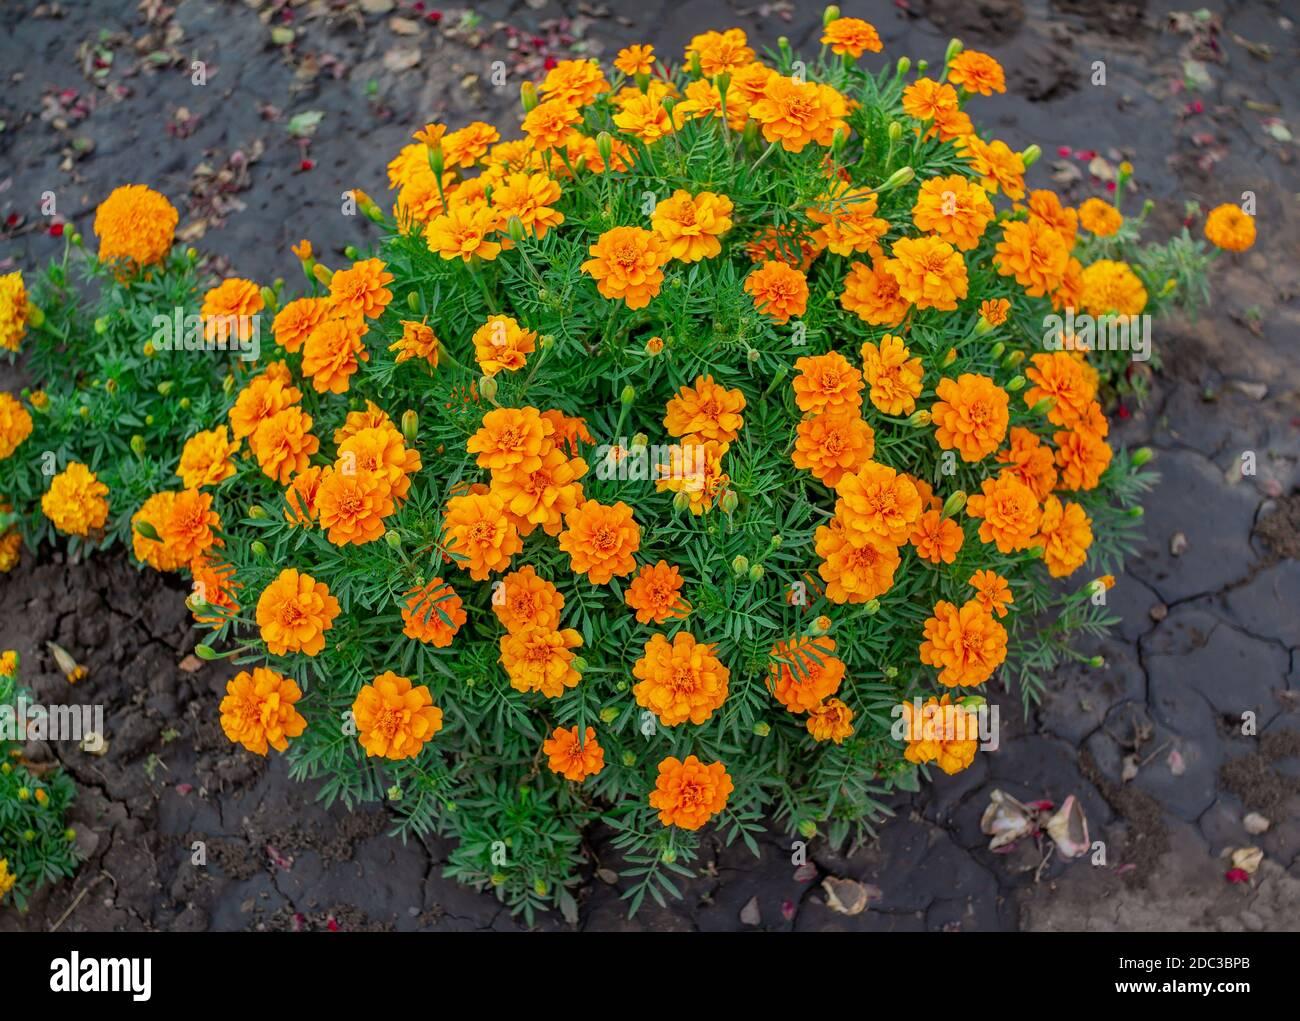 Schöne leuchtend orange Tageten oder Ringelblumen, die im Garten wachsen Stockfoto